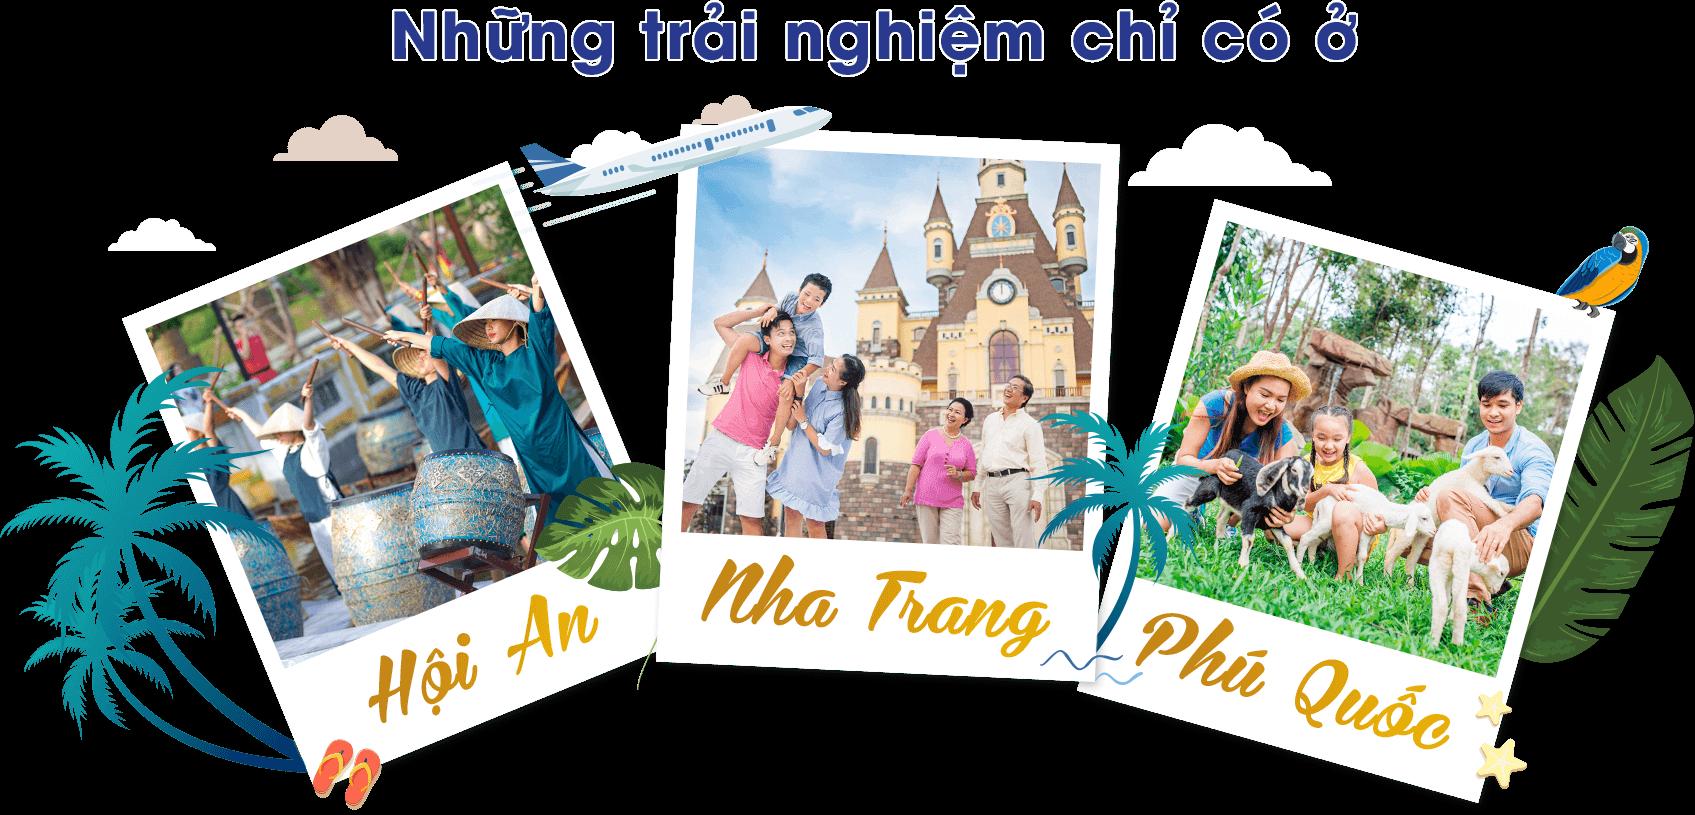 những trải nghiệm chỉ có ở hội an, nha trang, phú quốc - header-title - Những trải nghiệm chỉ có ở Hội An, Nha Trang, Phú Quốc